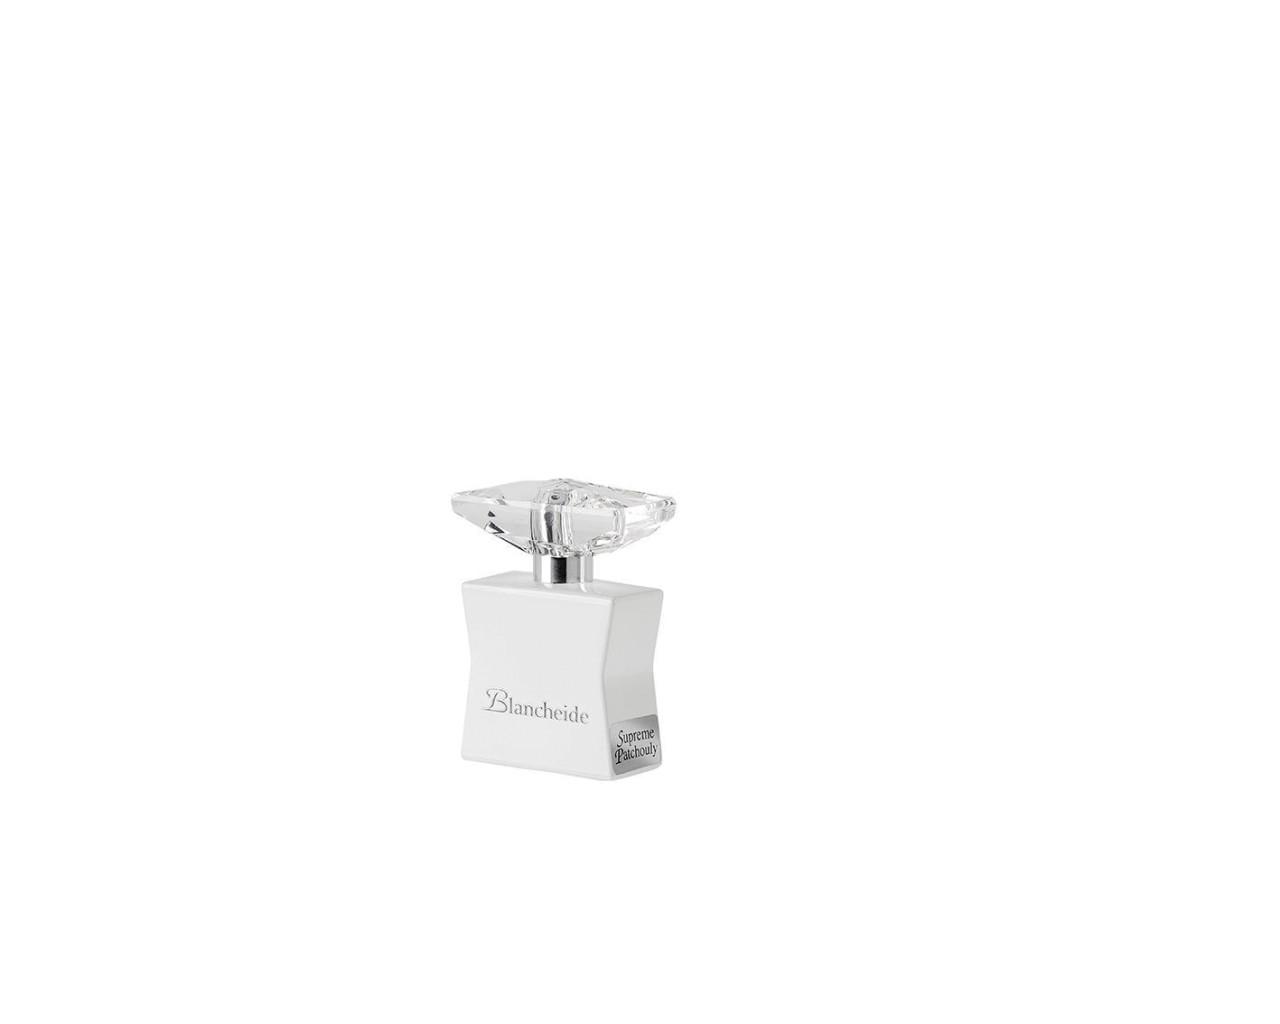 LE SUPREME PATCHOULY BLANCHEIDE EAU DE PARFUM 30 ML Blancheide BLAV30PA-01